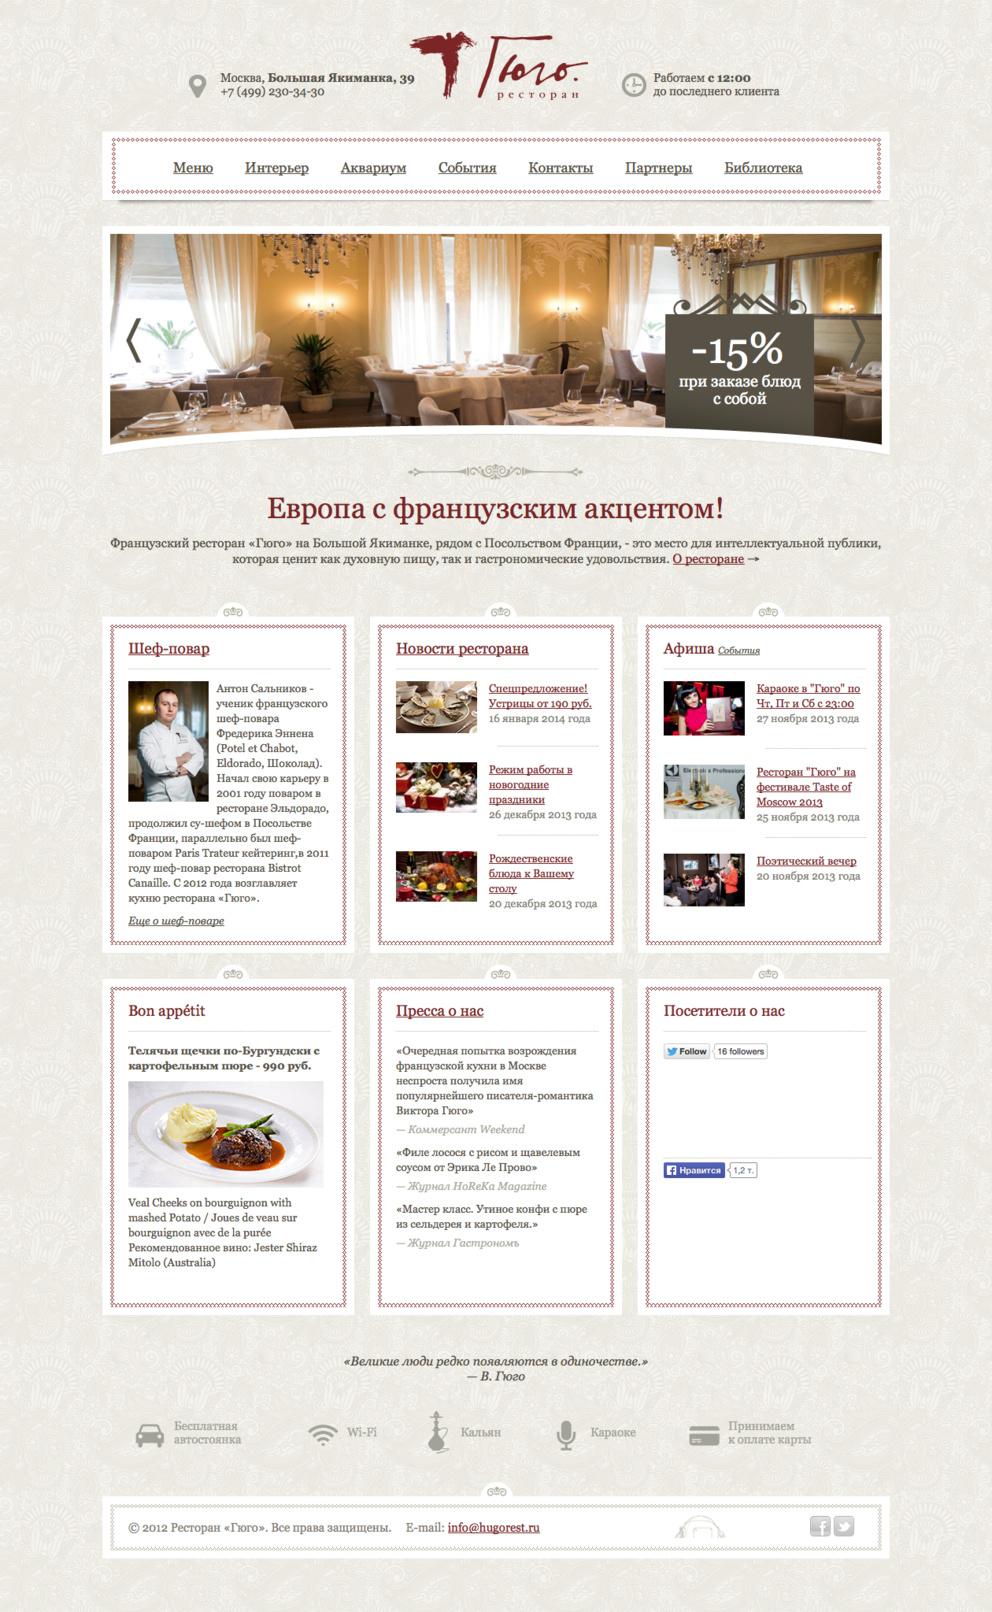 Сайт ресторана Гюго / Проект компании Digital360.ru